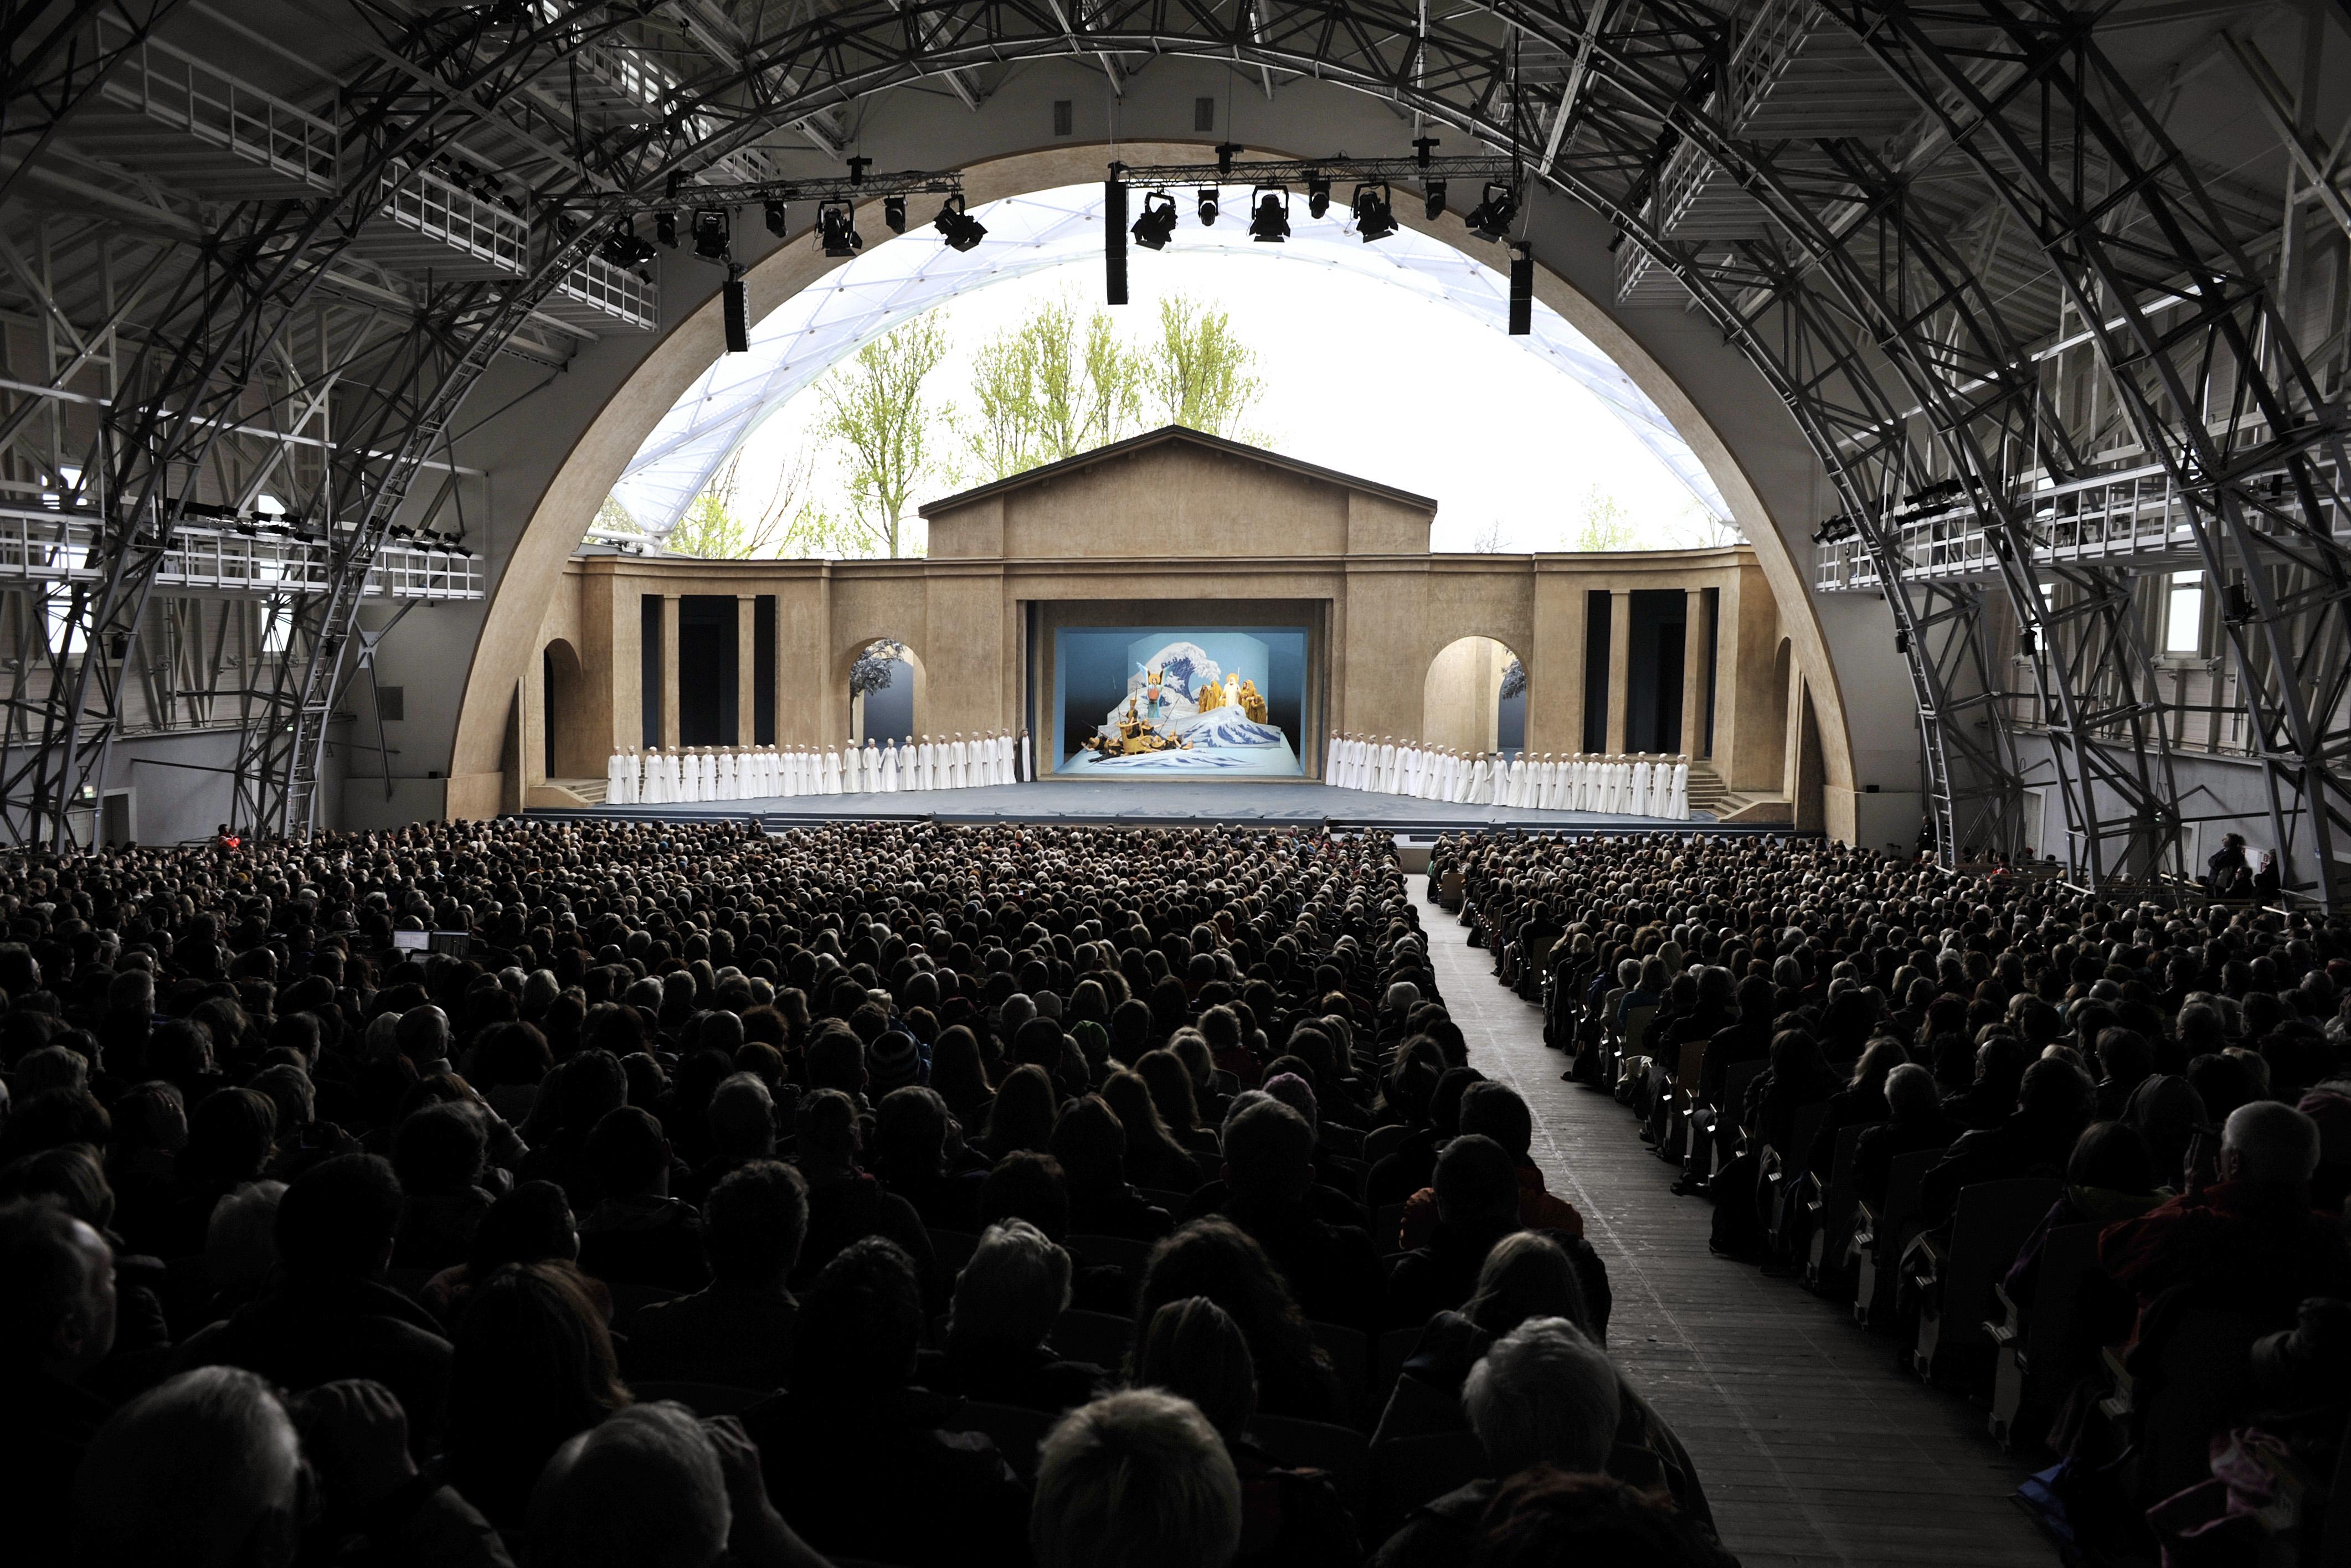 Theaterhalle Passionsspiele Oberammergau